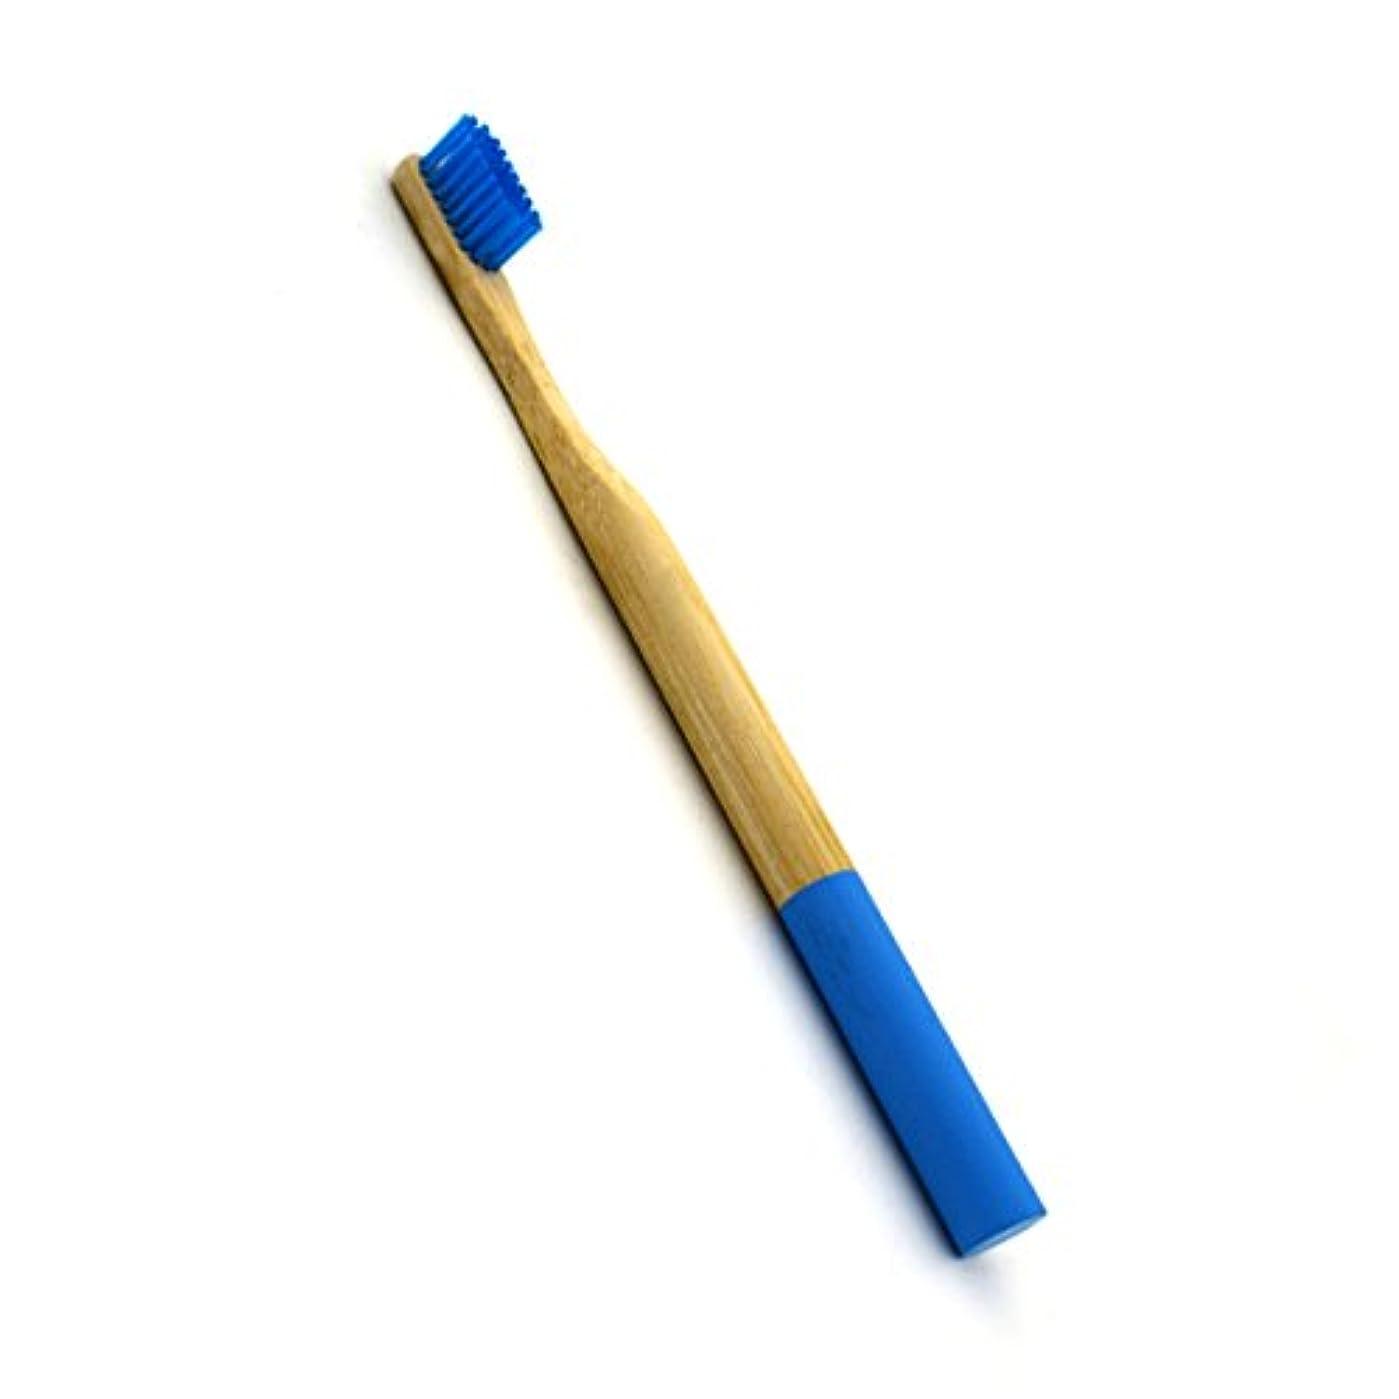 告白する適度な識字ROSENICE 竹歯ブラシラウンドハンドル自然な竹成人環境にやさしいソフトブリストル旅行歯ブラシ